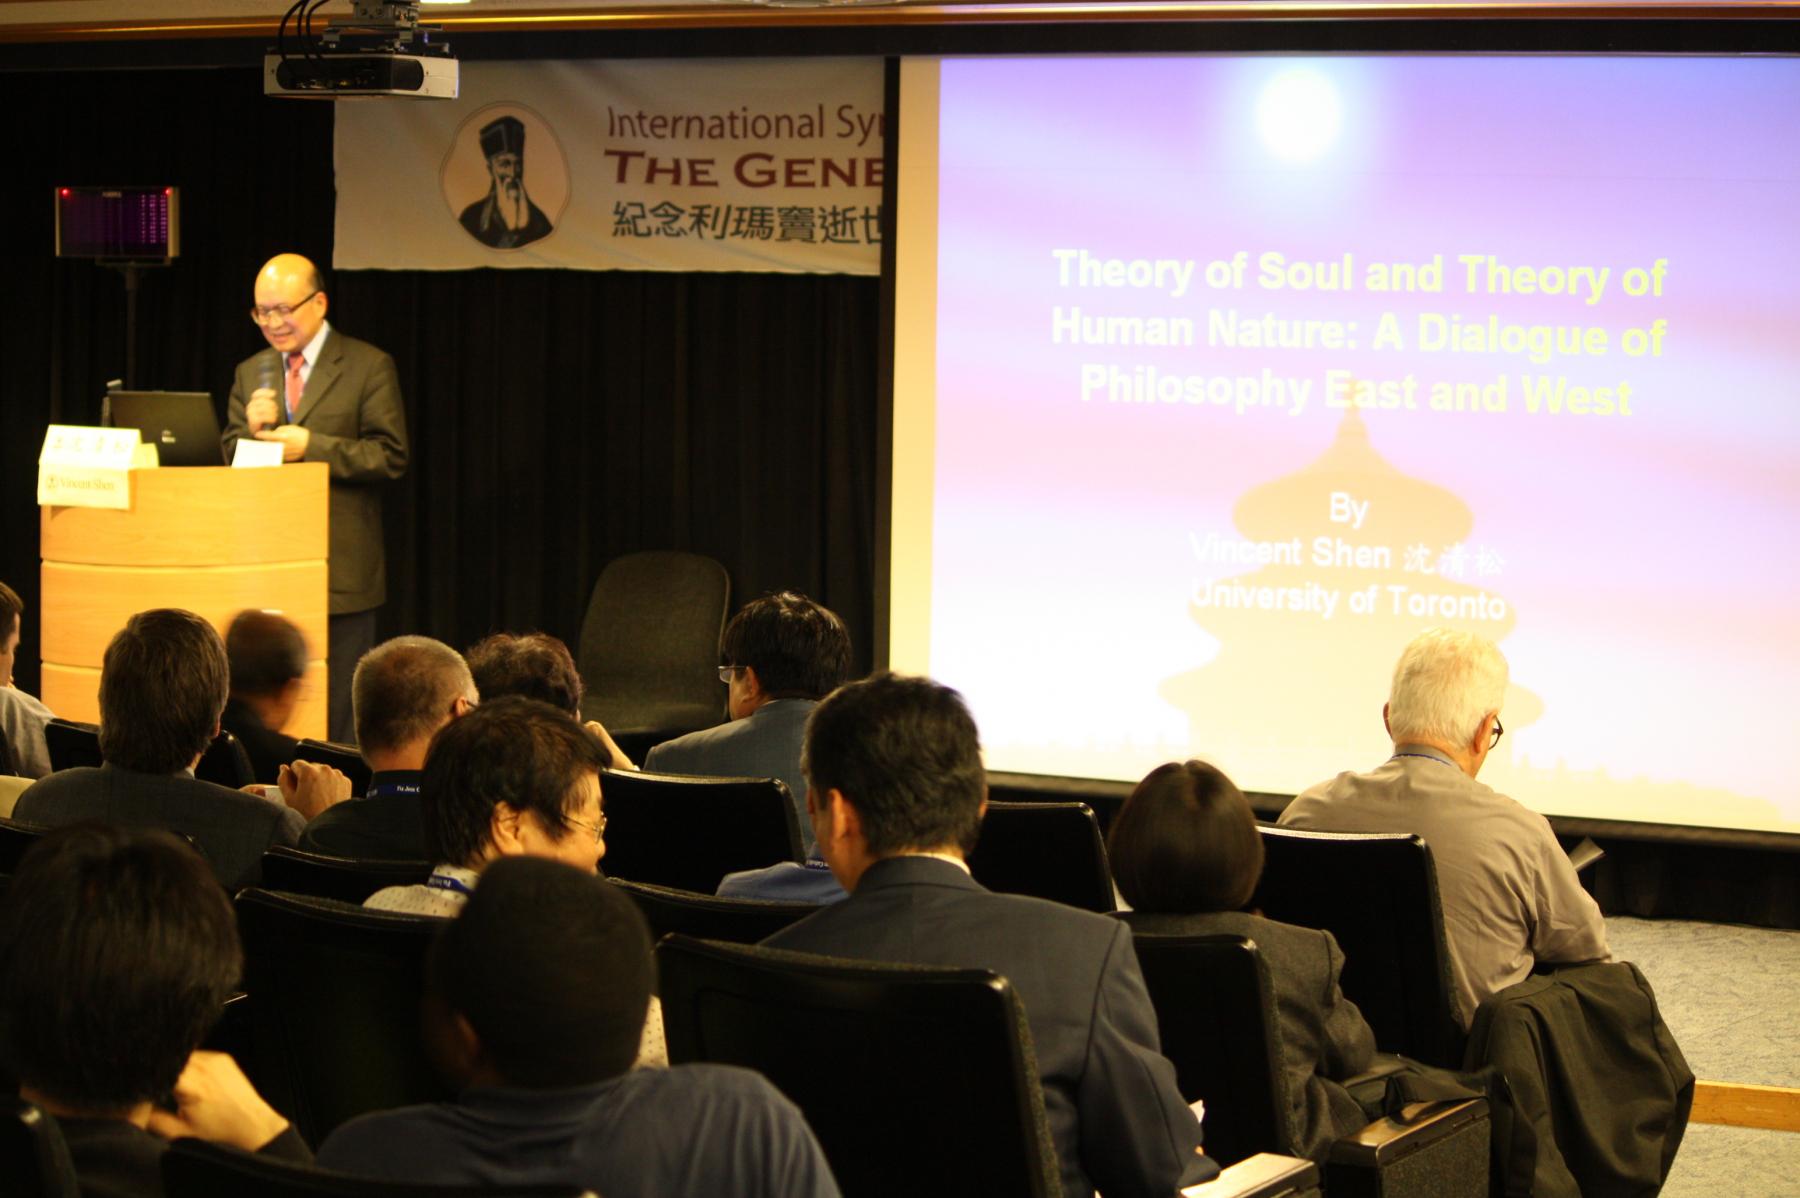 201004紀念利瑪竇逝世四百週年國際學術研討會-28